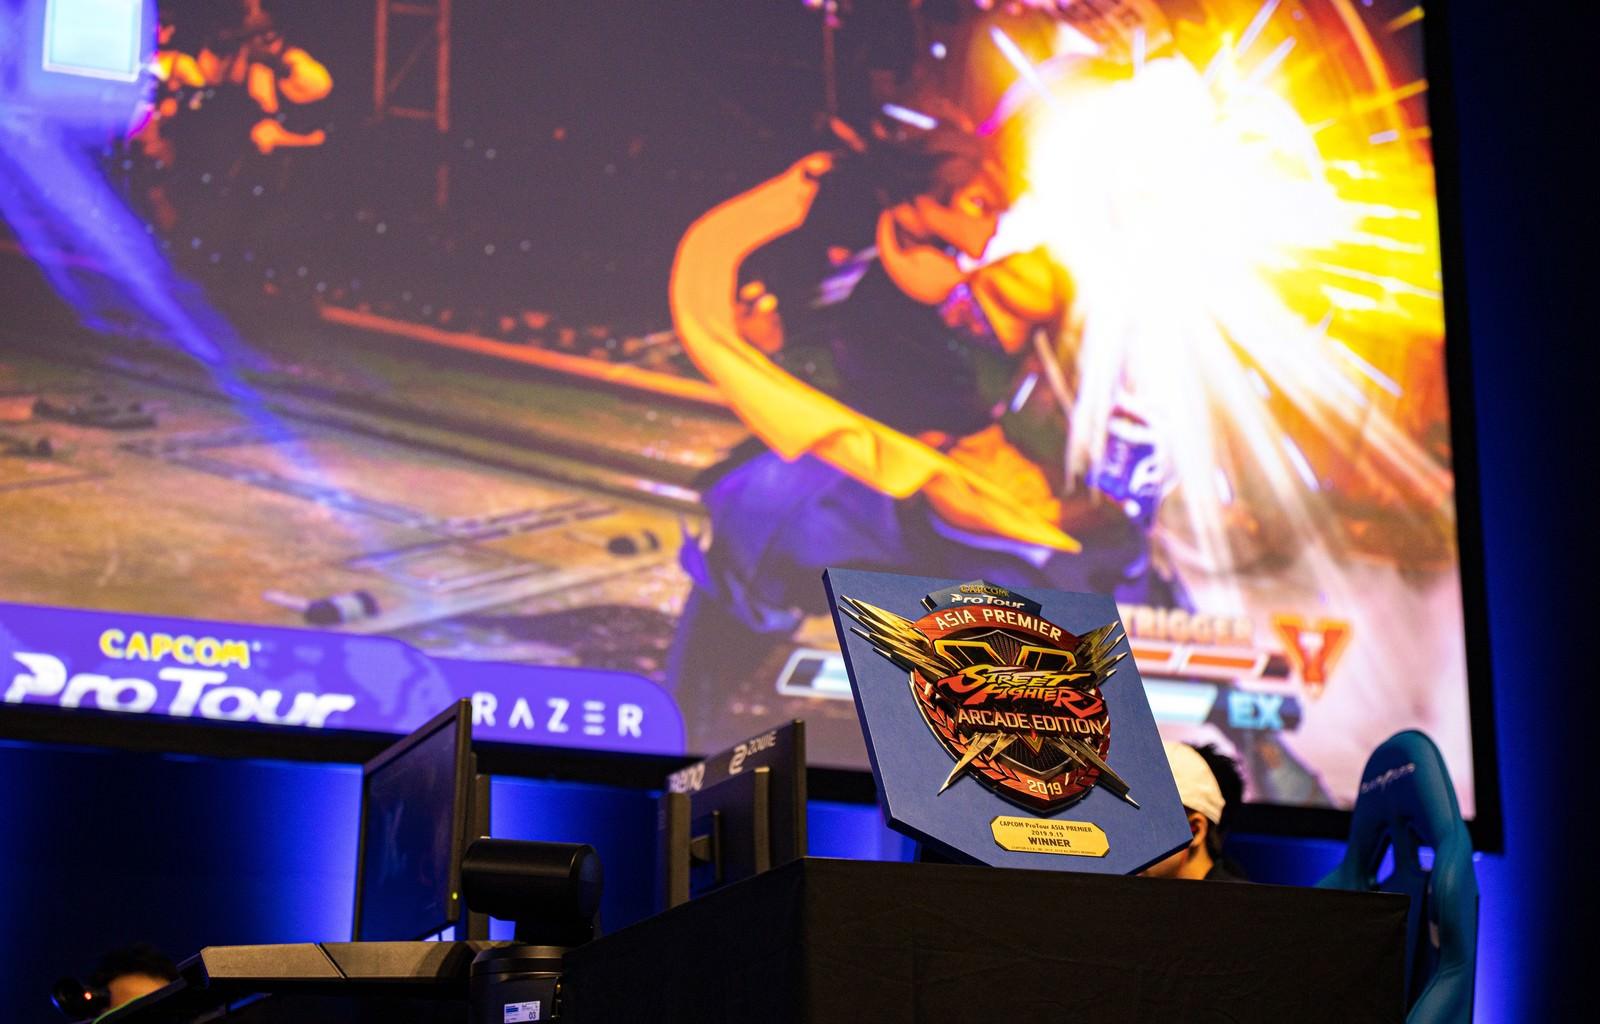 「是空のしゃがみ強K(草薙)がユリアンにヒット - CAPCOM Pro Tour 2019 アジアプレミア」の写真